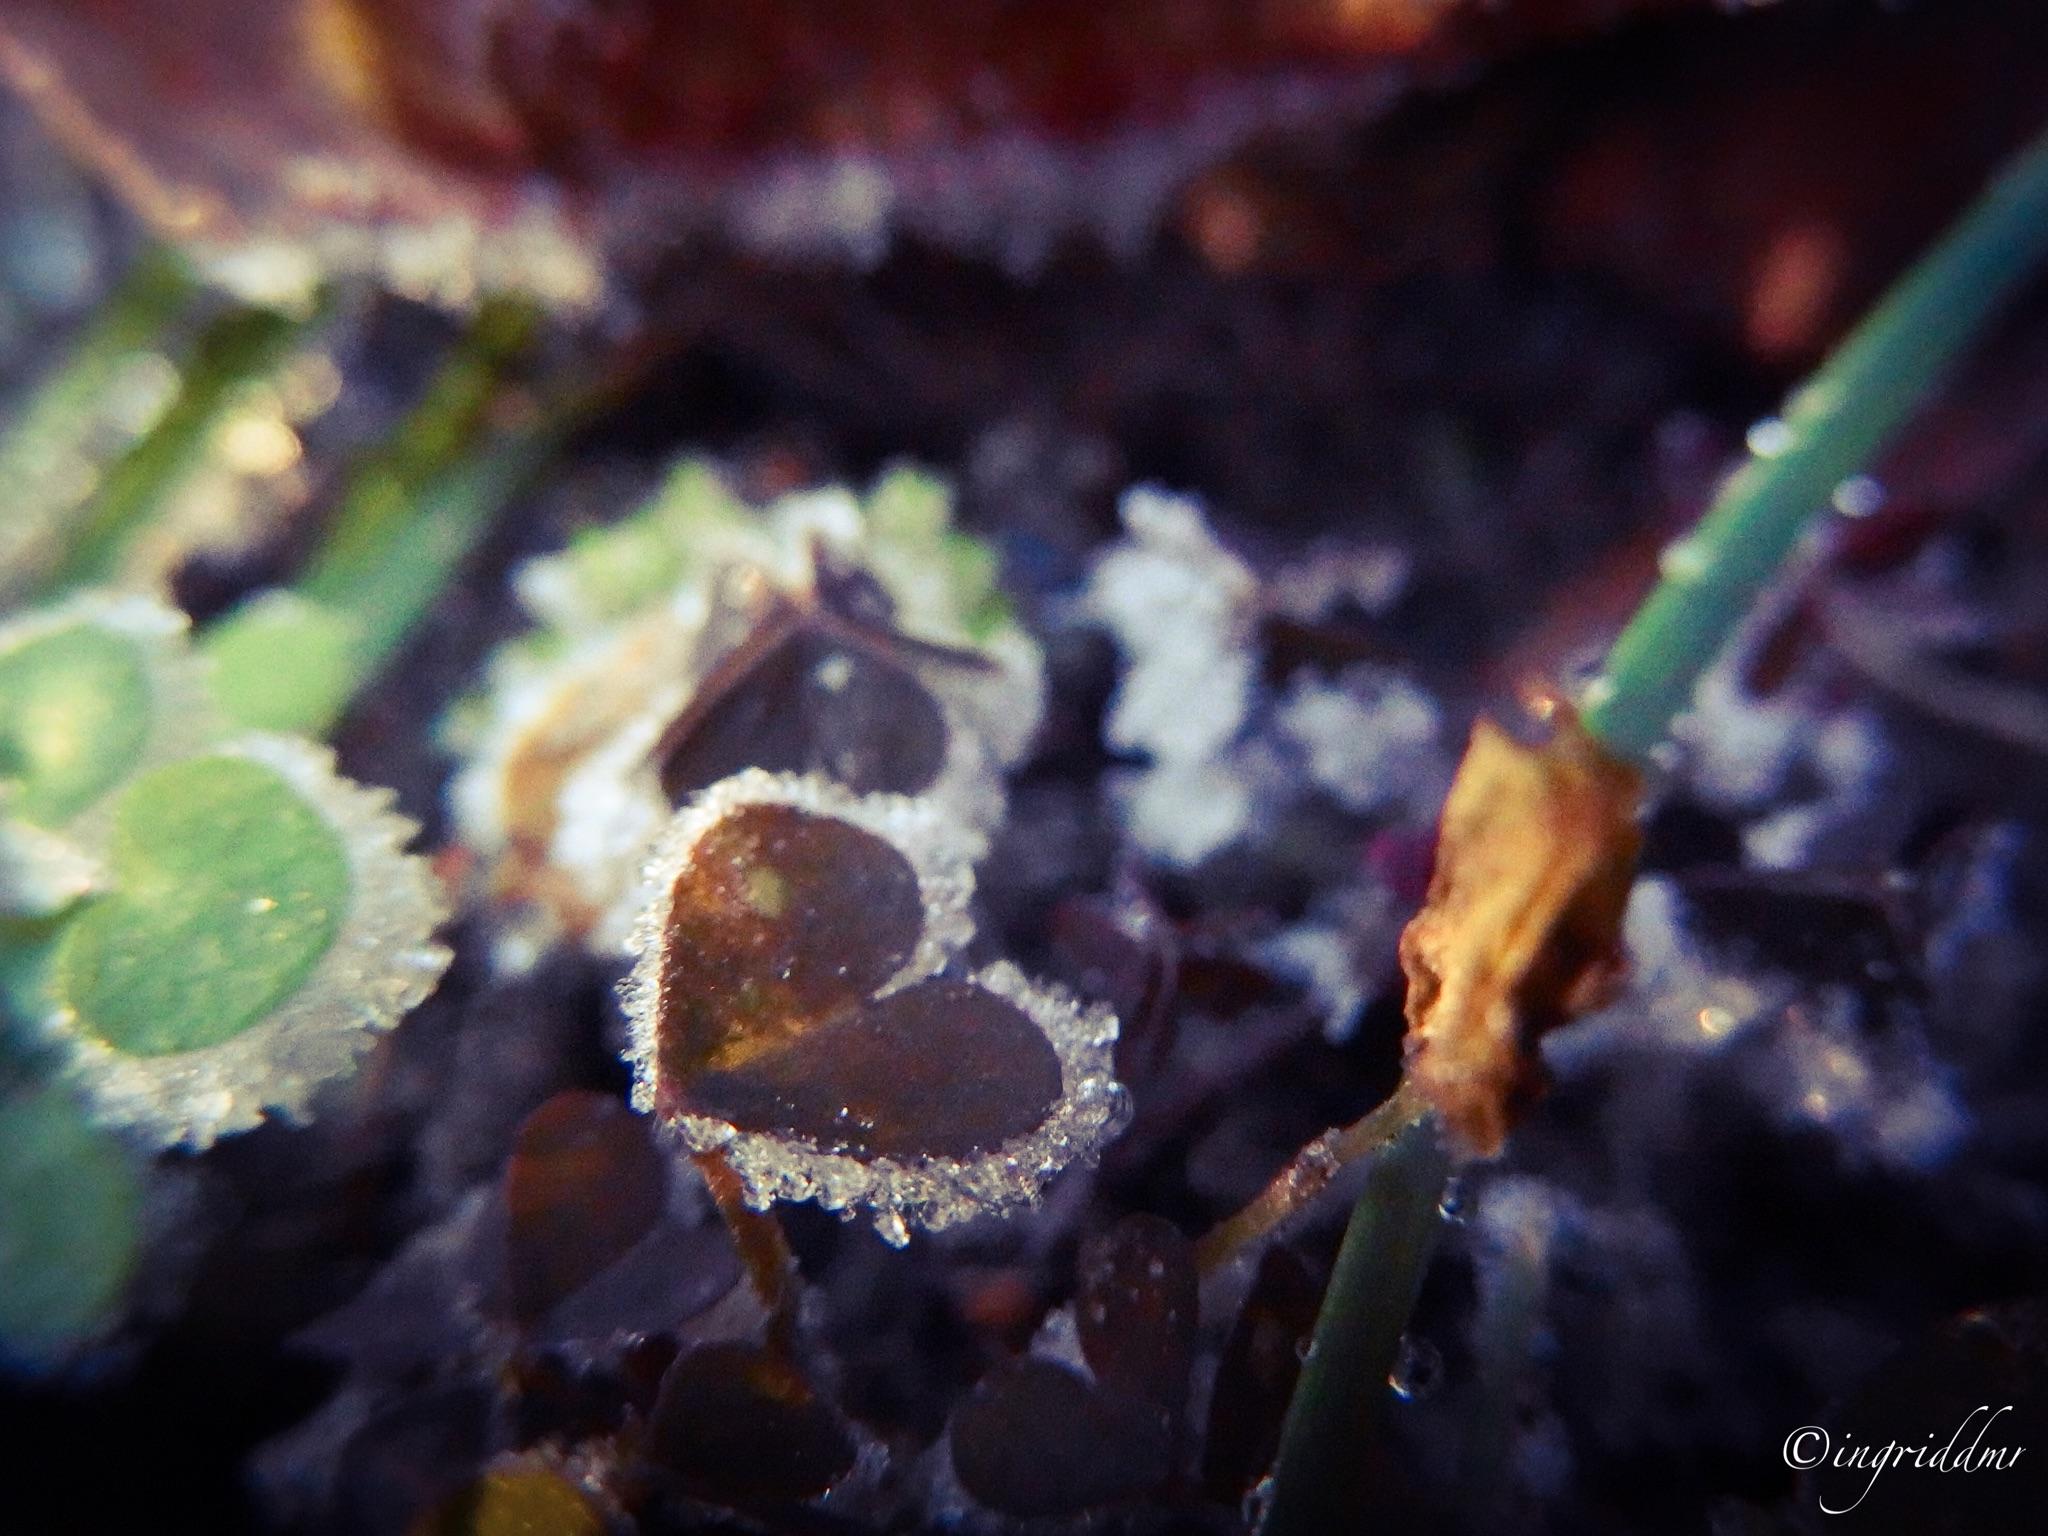 #garden #frost